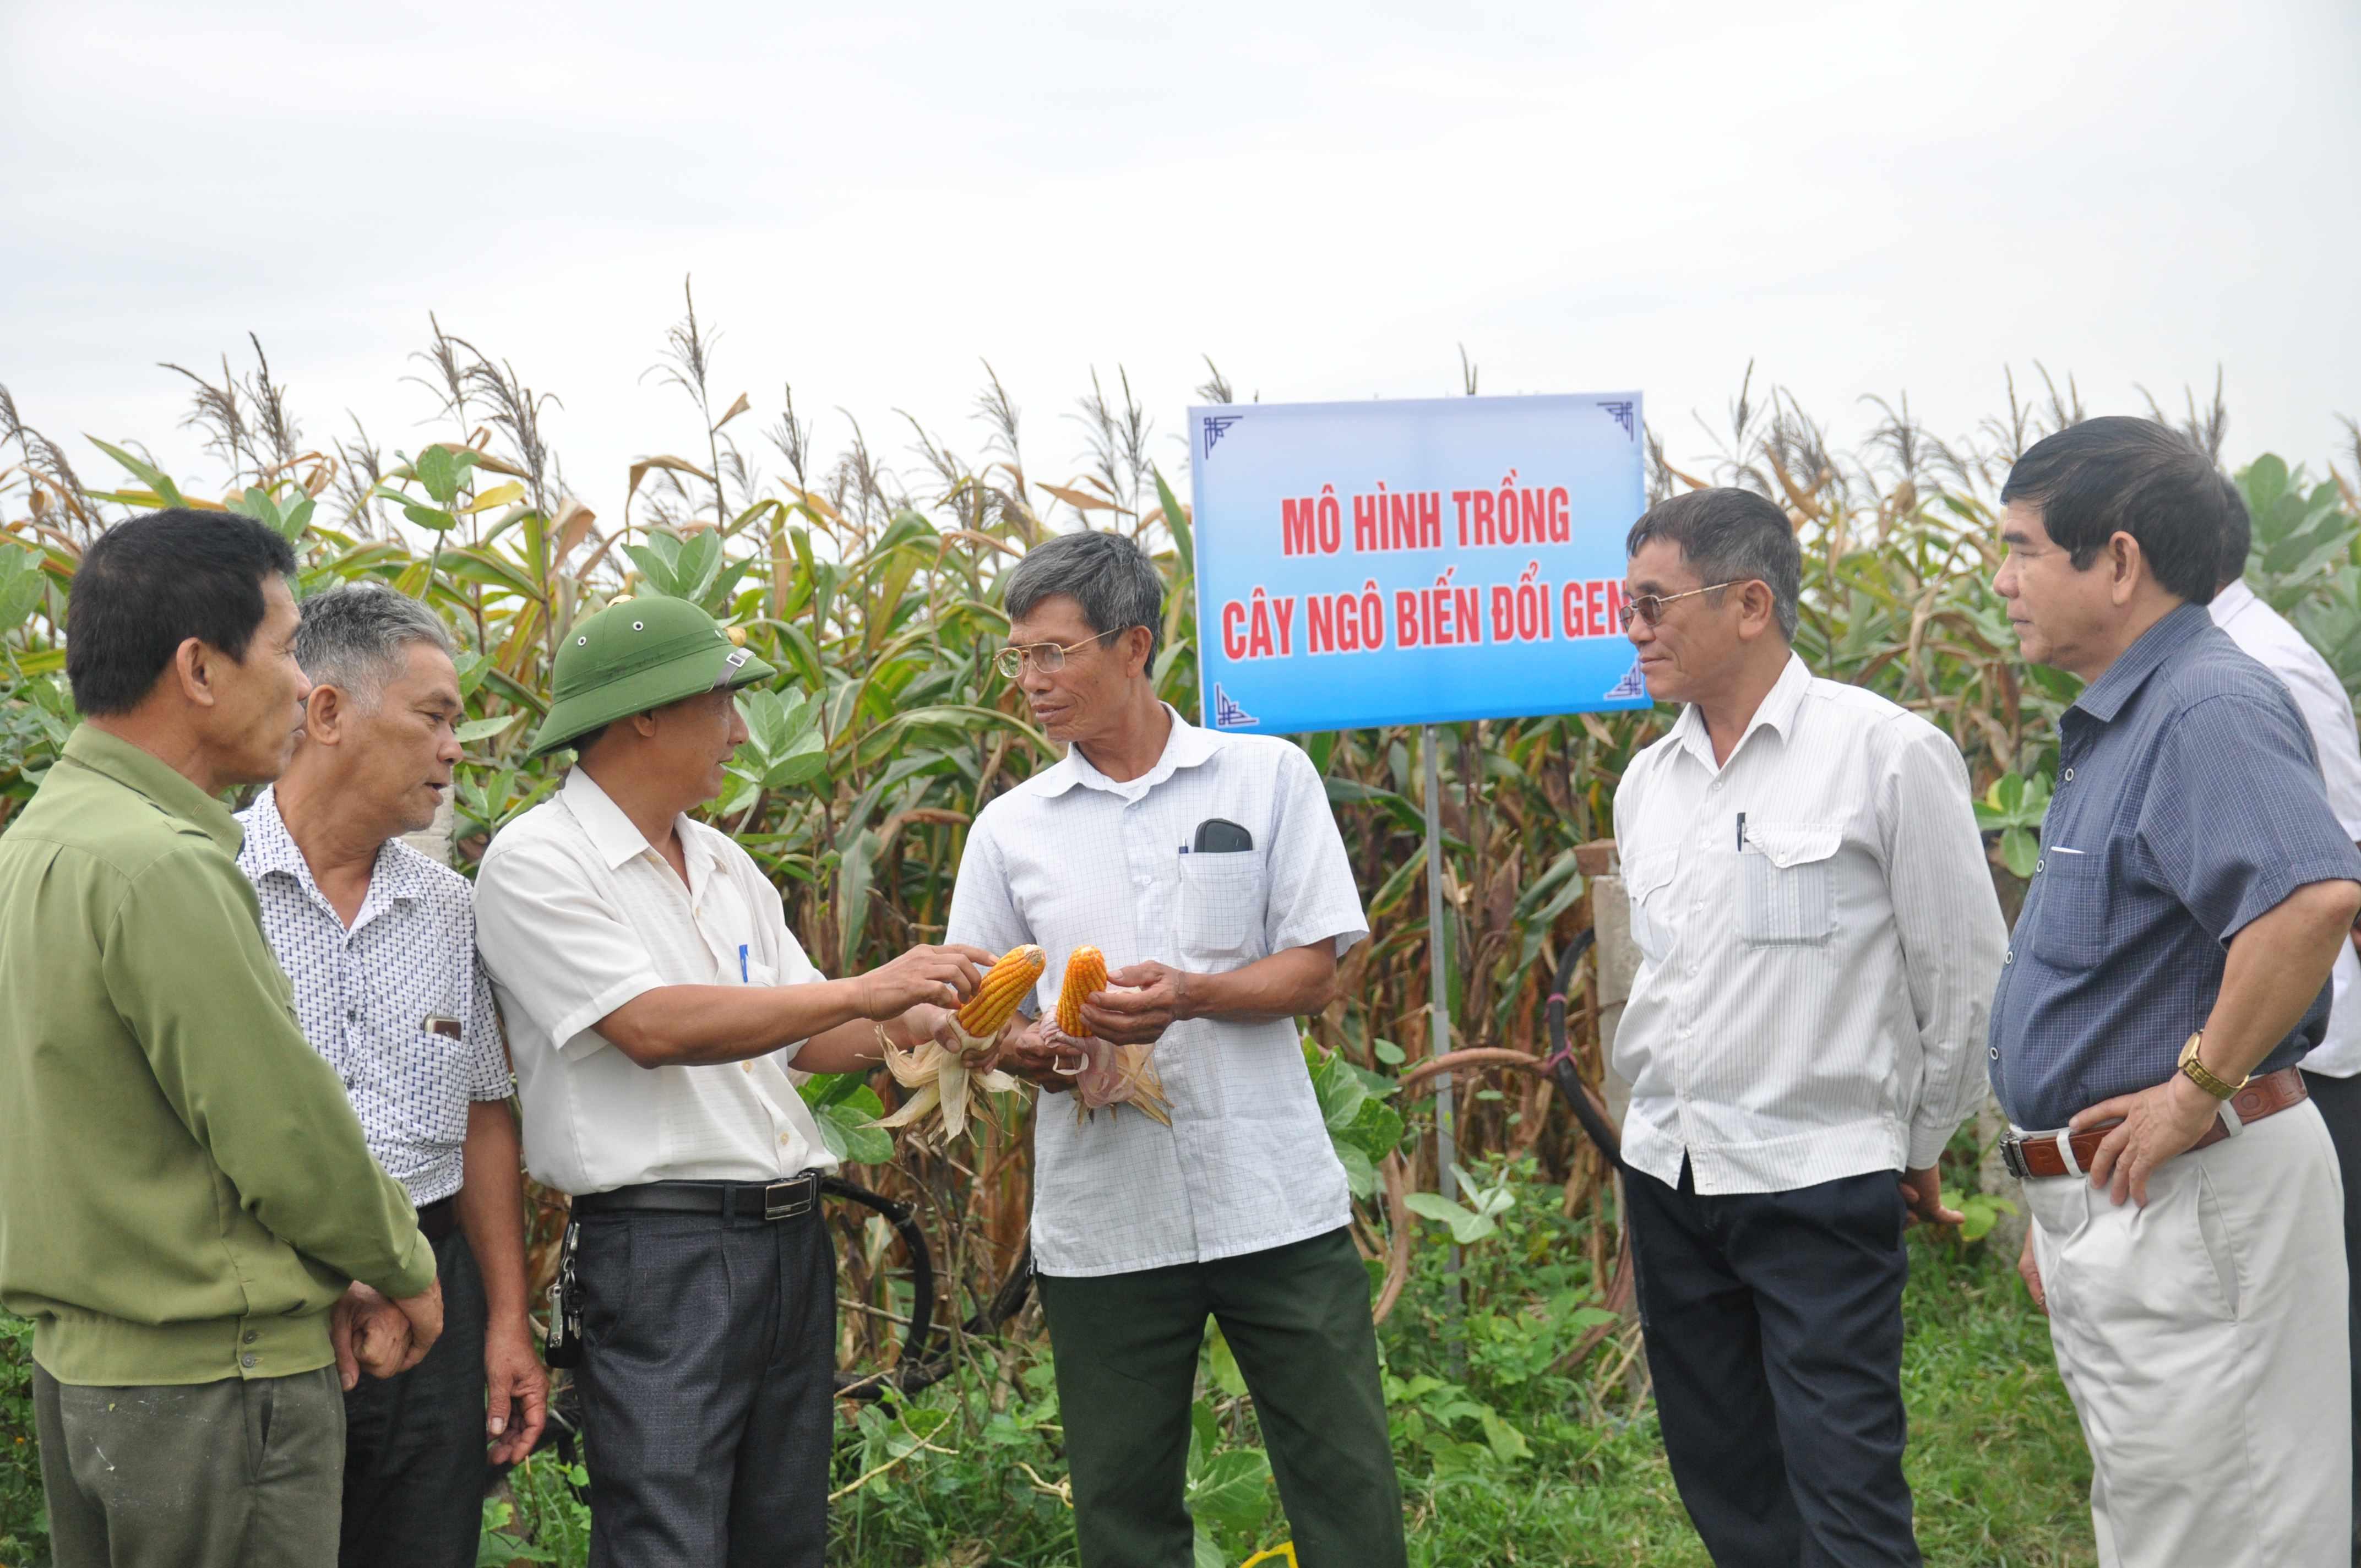 Đổi tên Trung tâm Khuyến nông thành Trung tâm Khuyến nông và Phát triển nông nghiệp công nghệ cao